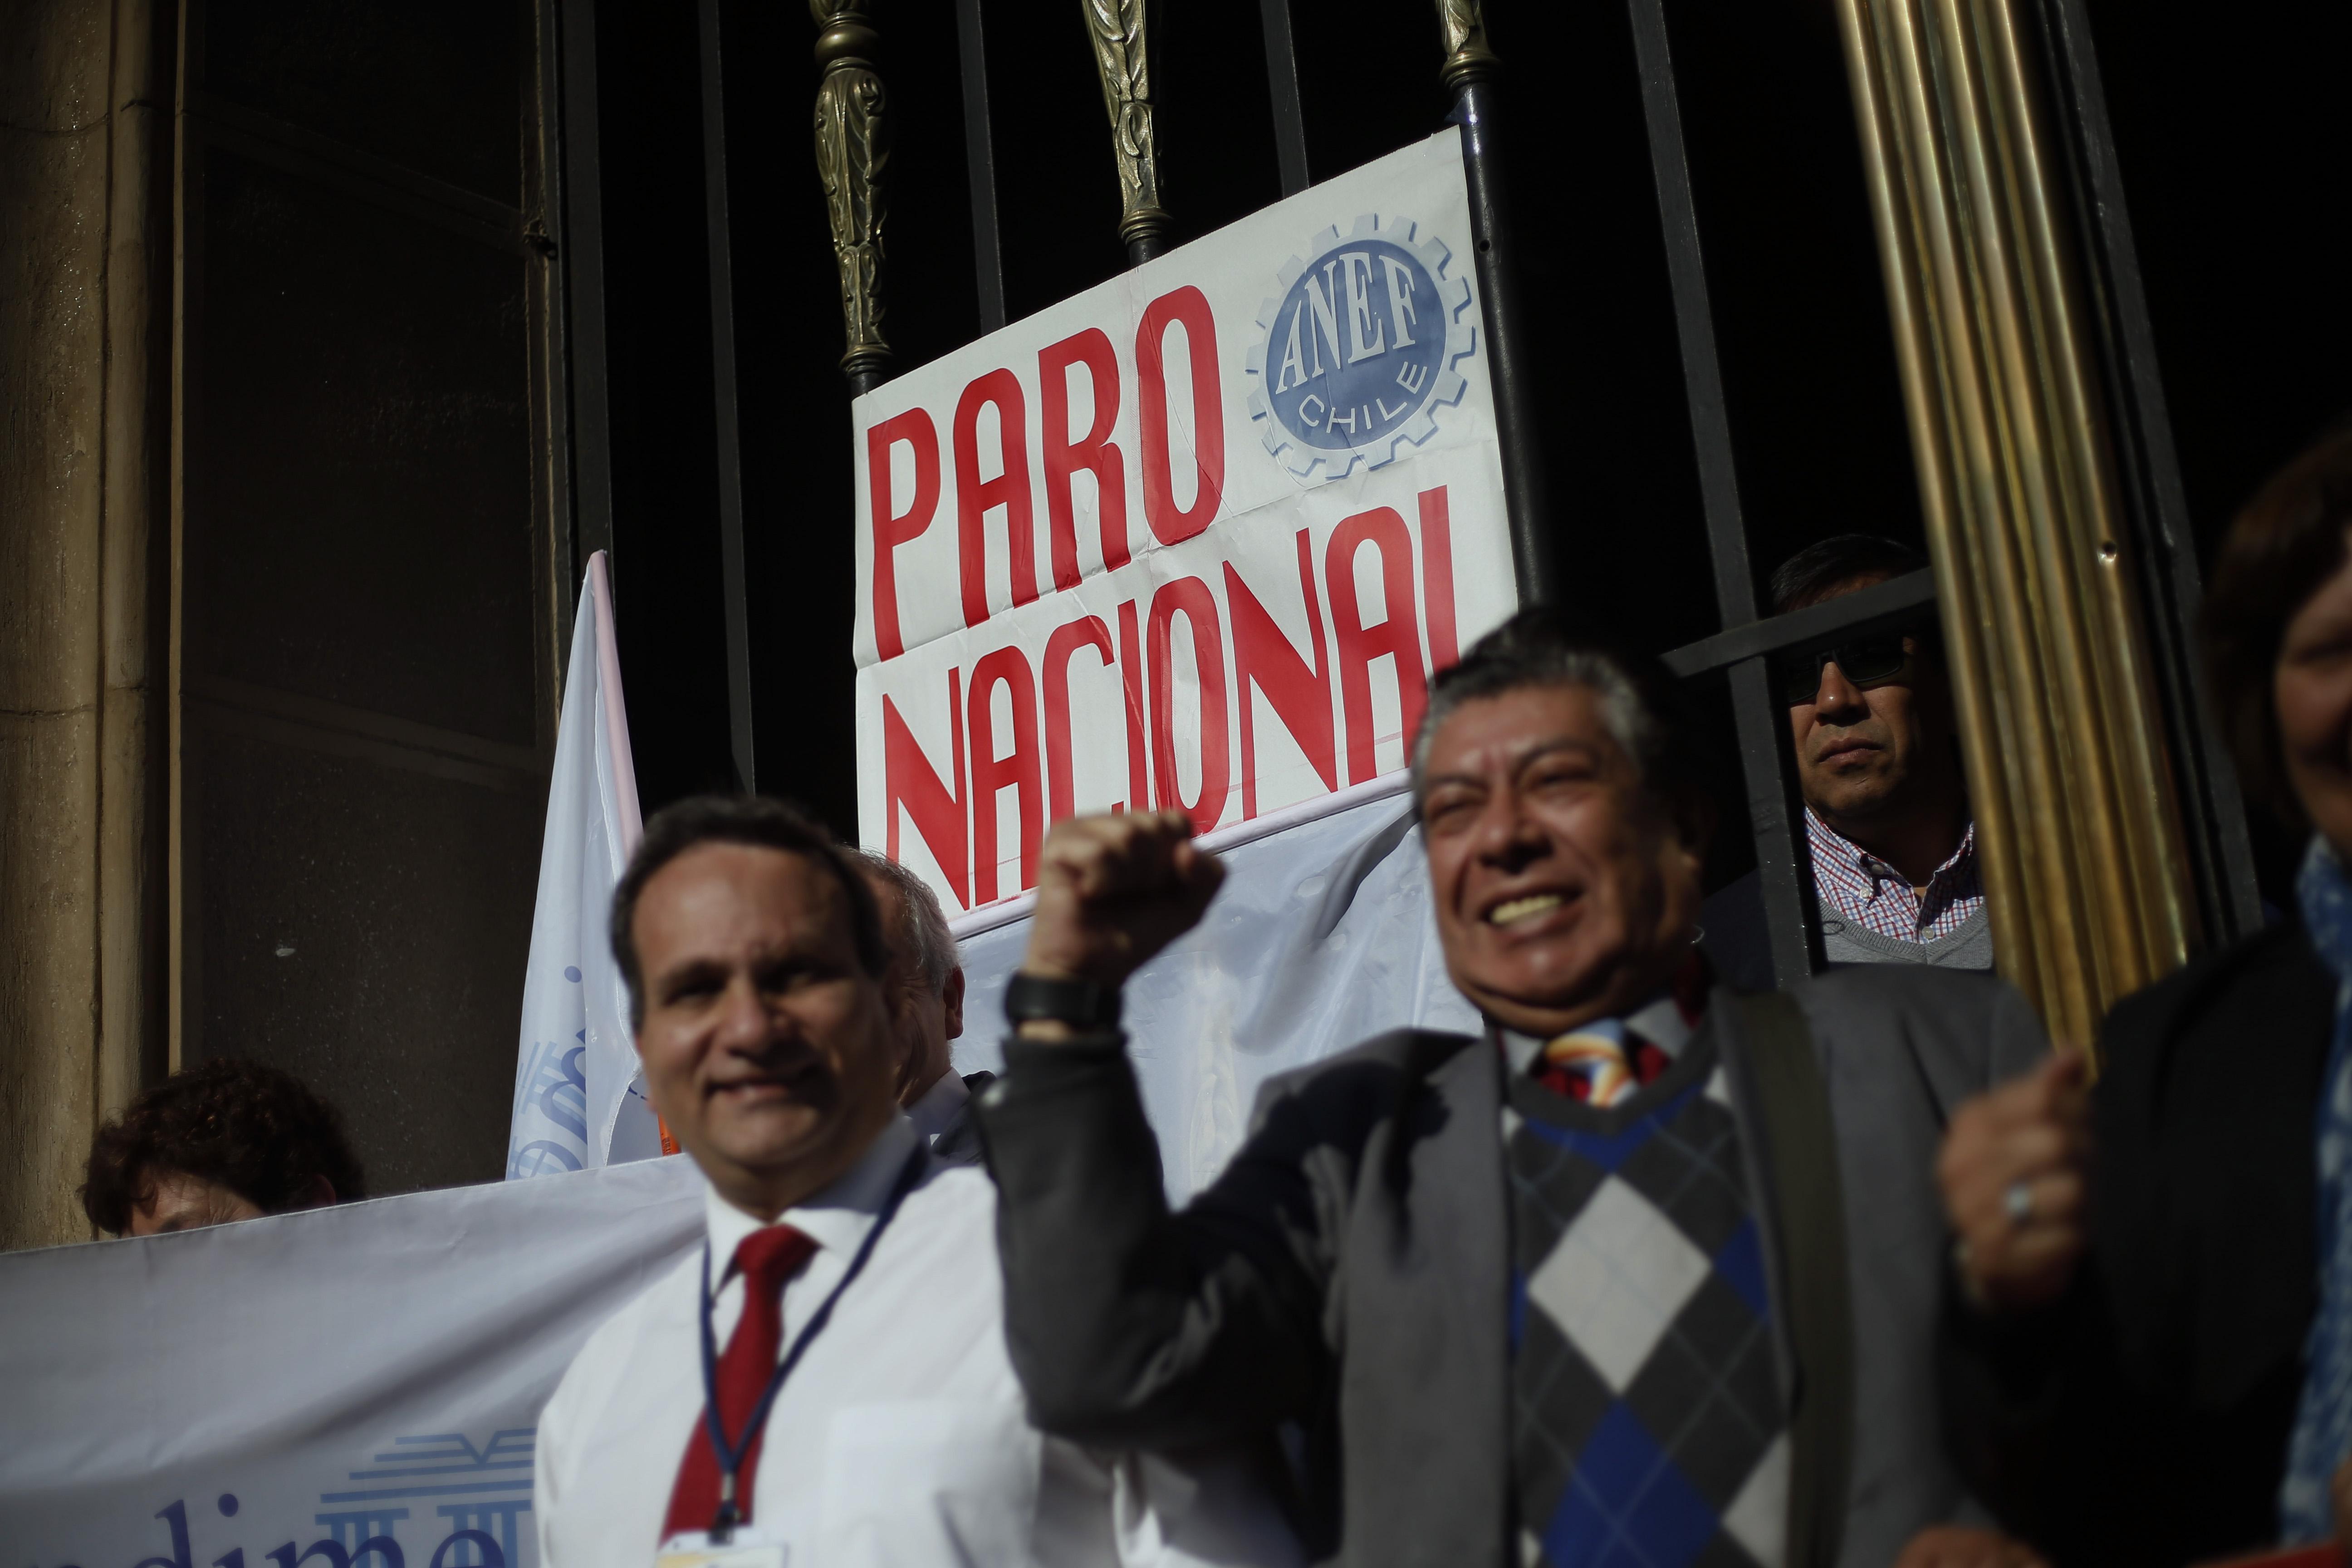 Reajuste al sector público: Gobierno presentará veto aditivo para destrabar conflicto